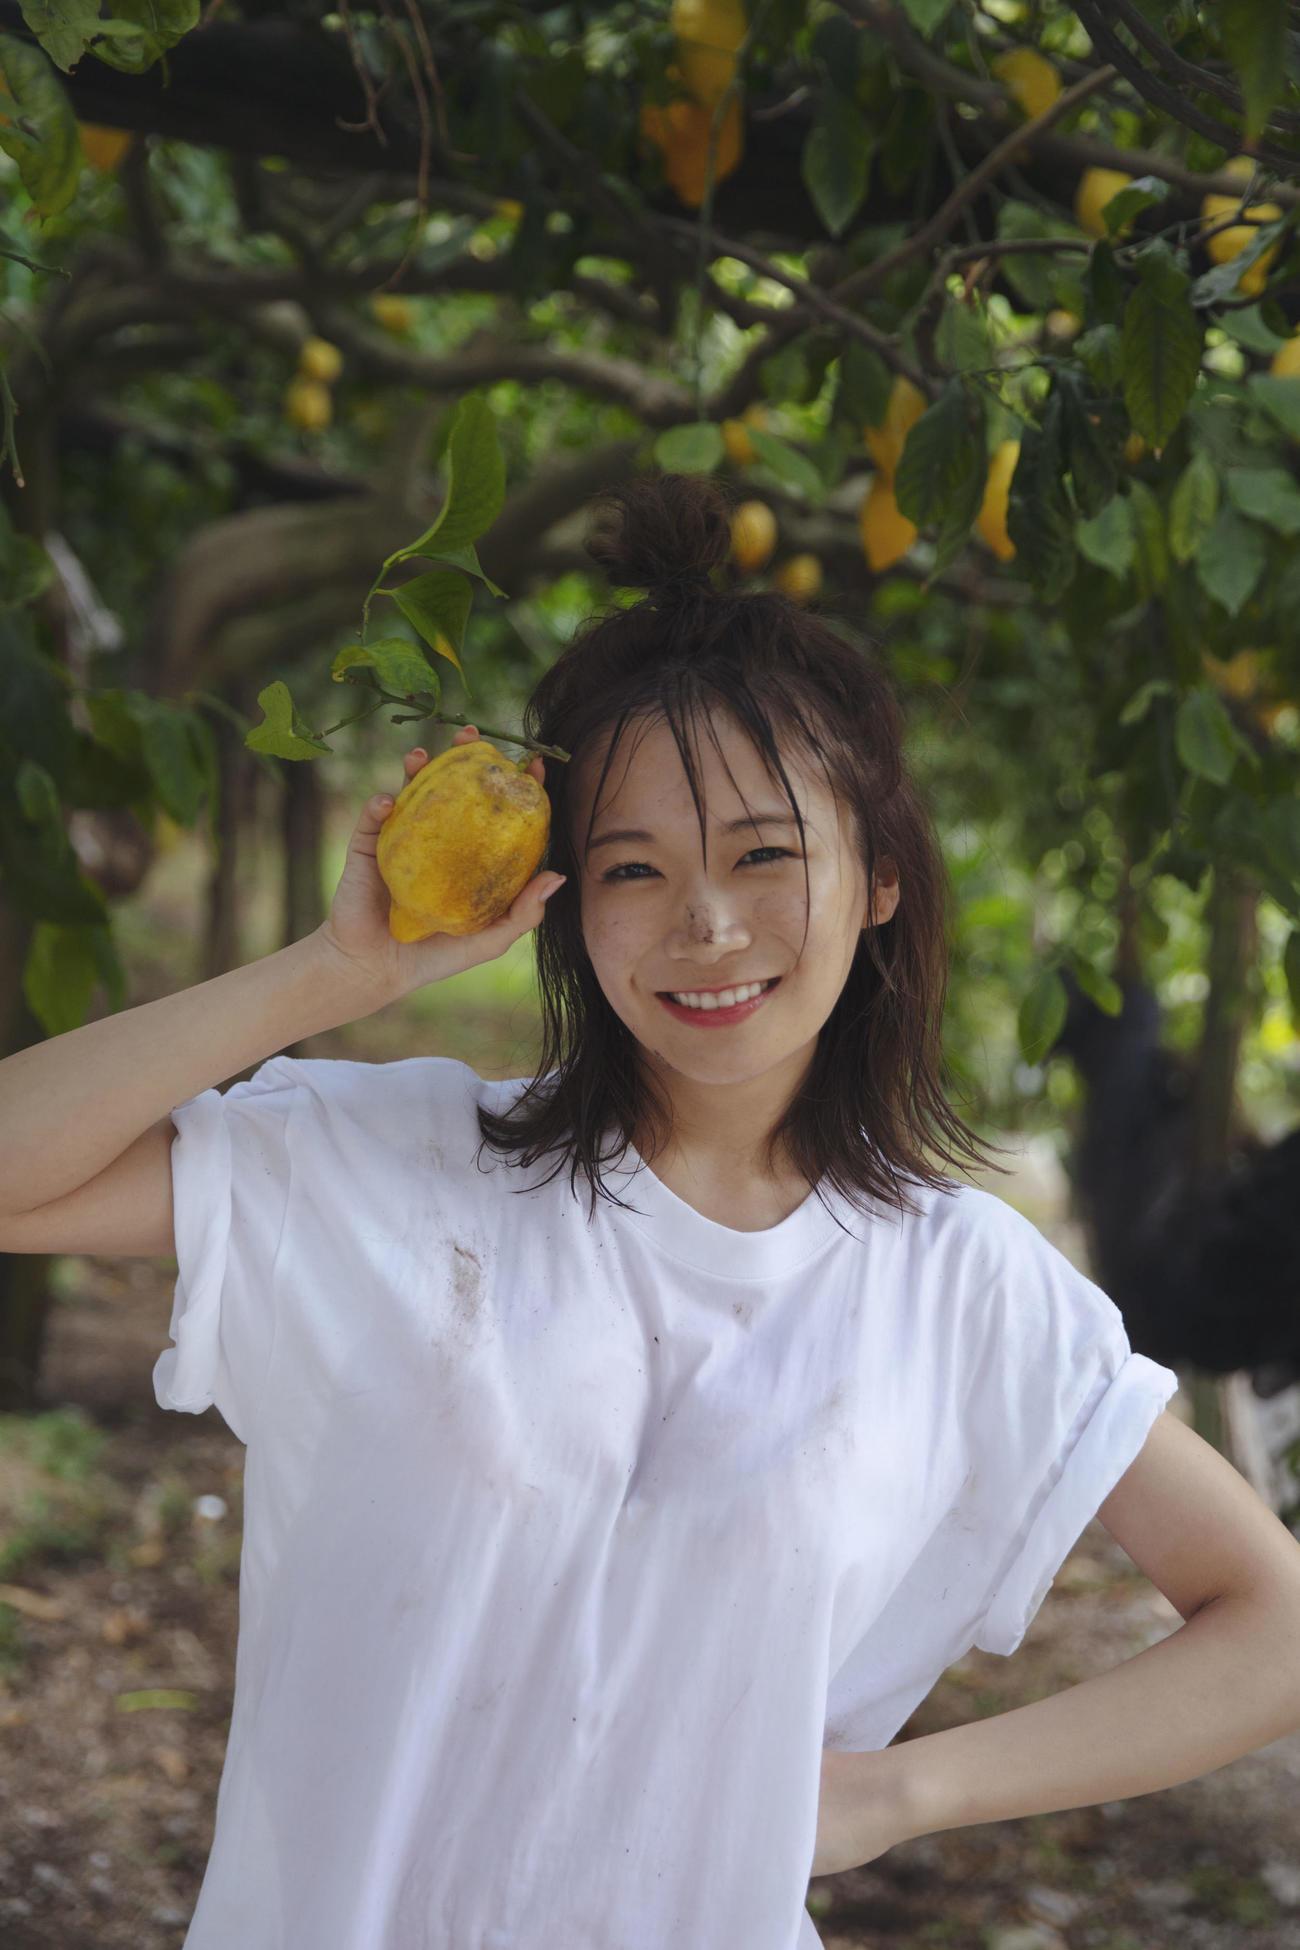 秋元真夏セカンド写真集「しあわせにしたい」の先行カット(撮影/倉本GORI)